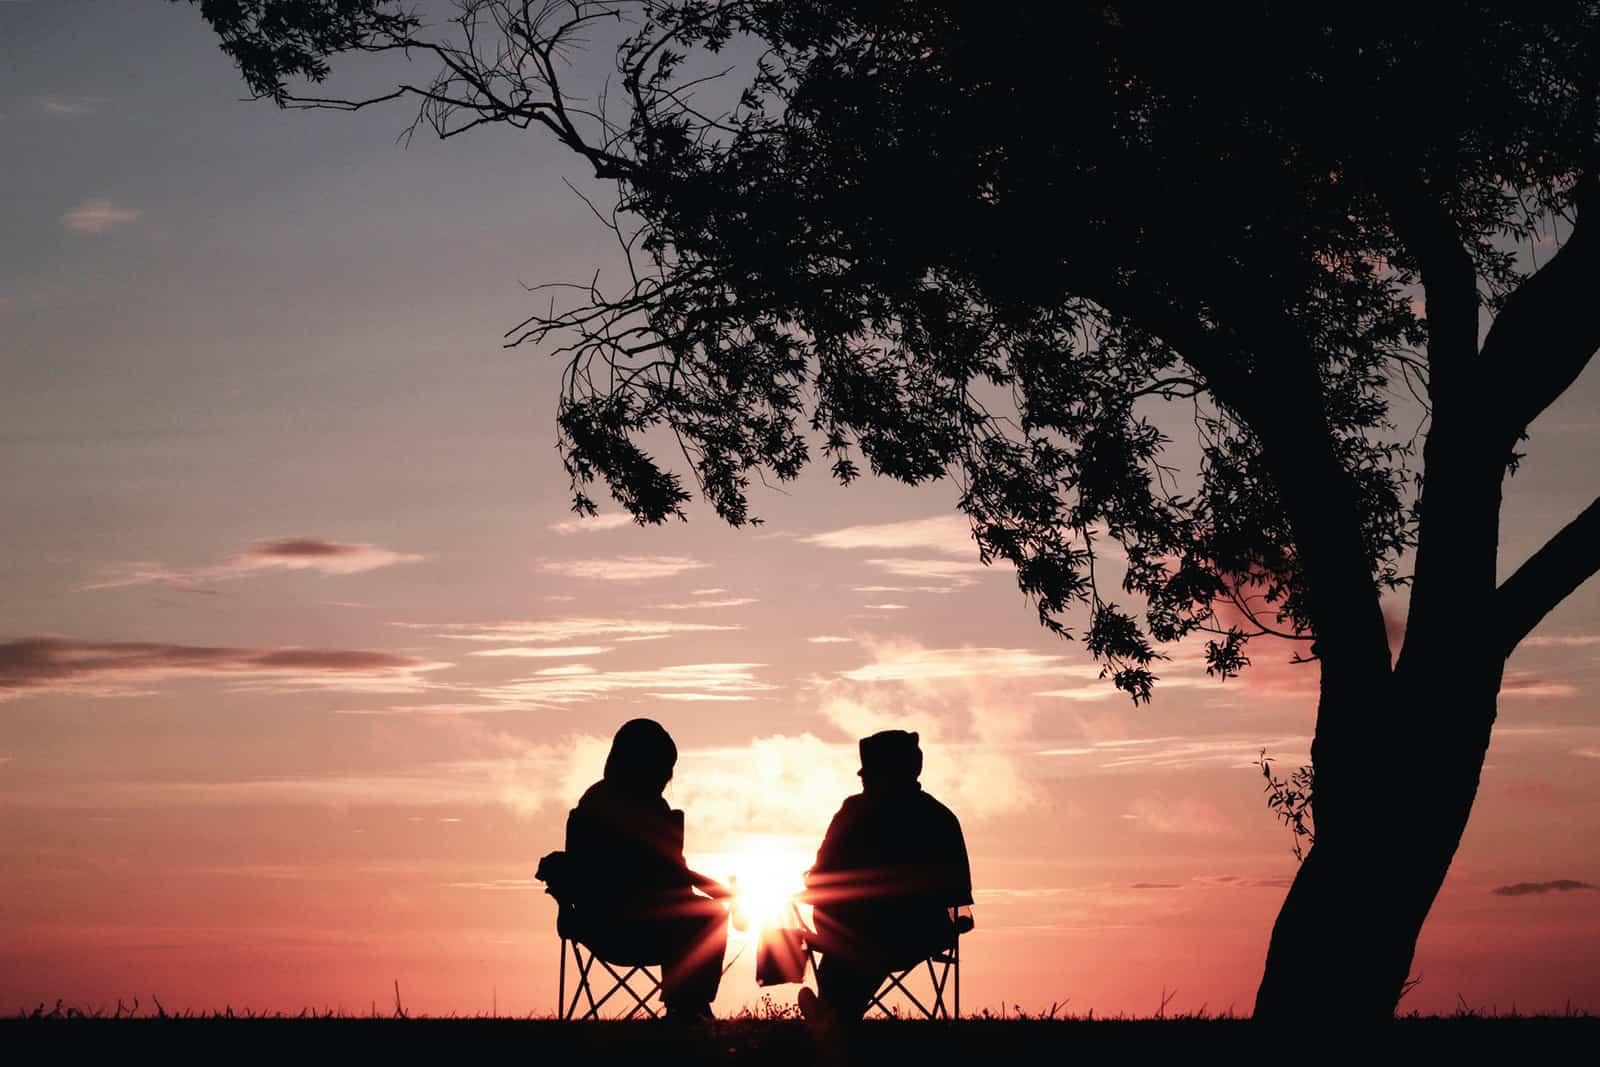 Paar sitzt auf den Stühlen und beobachtet den Sonnenaufgang in der Natur